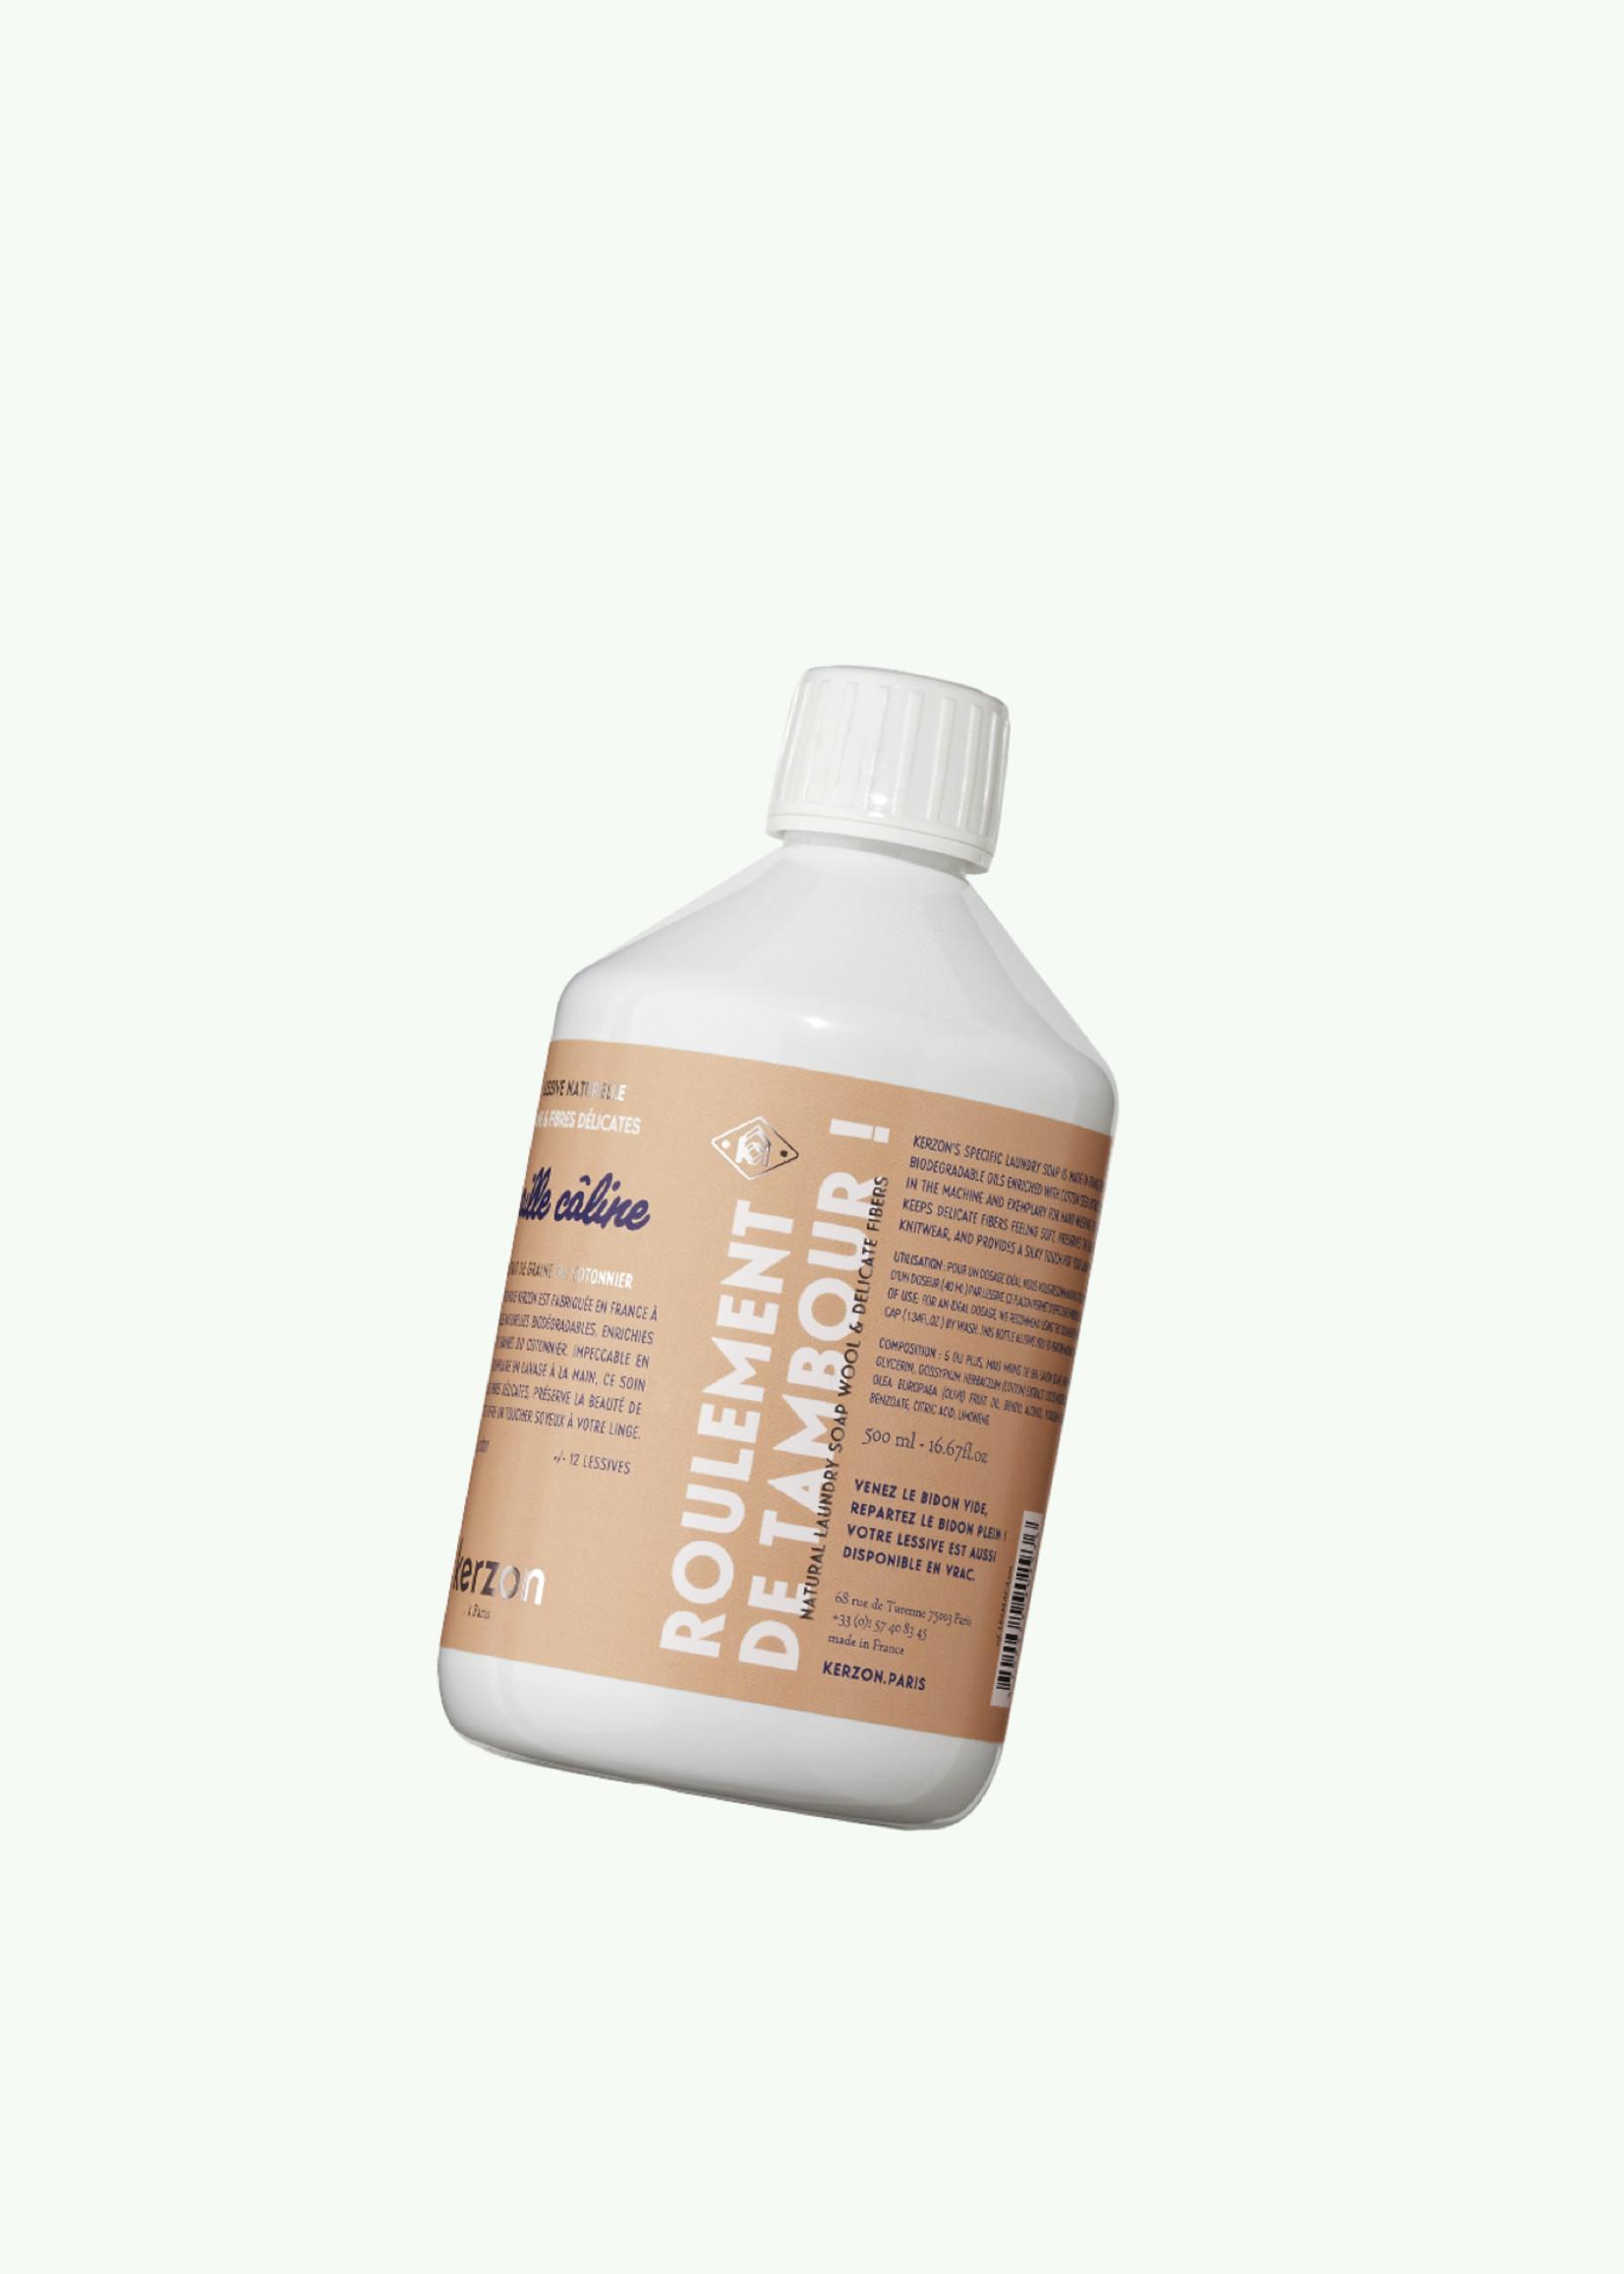 Kerzon Kerzon - Maille Caline - Wasmiddel voor wol 500ml